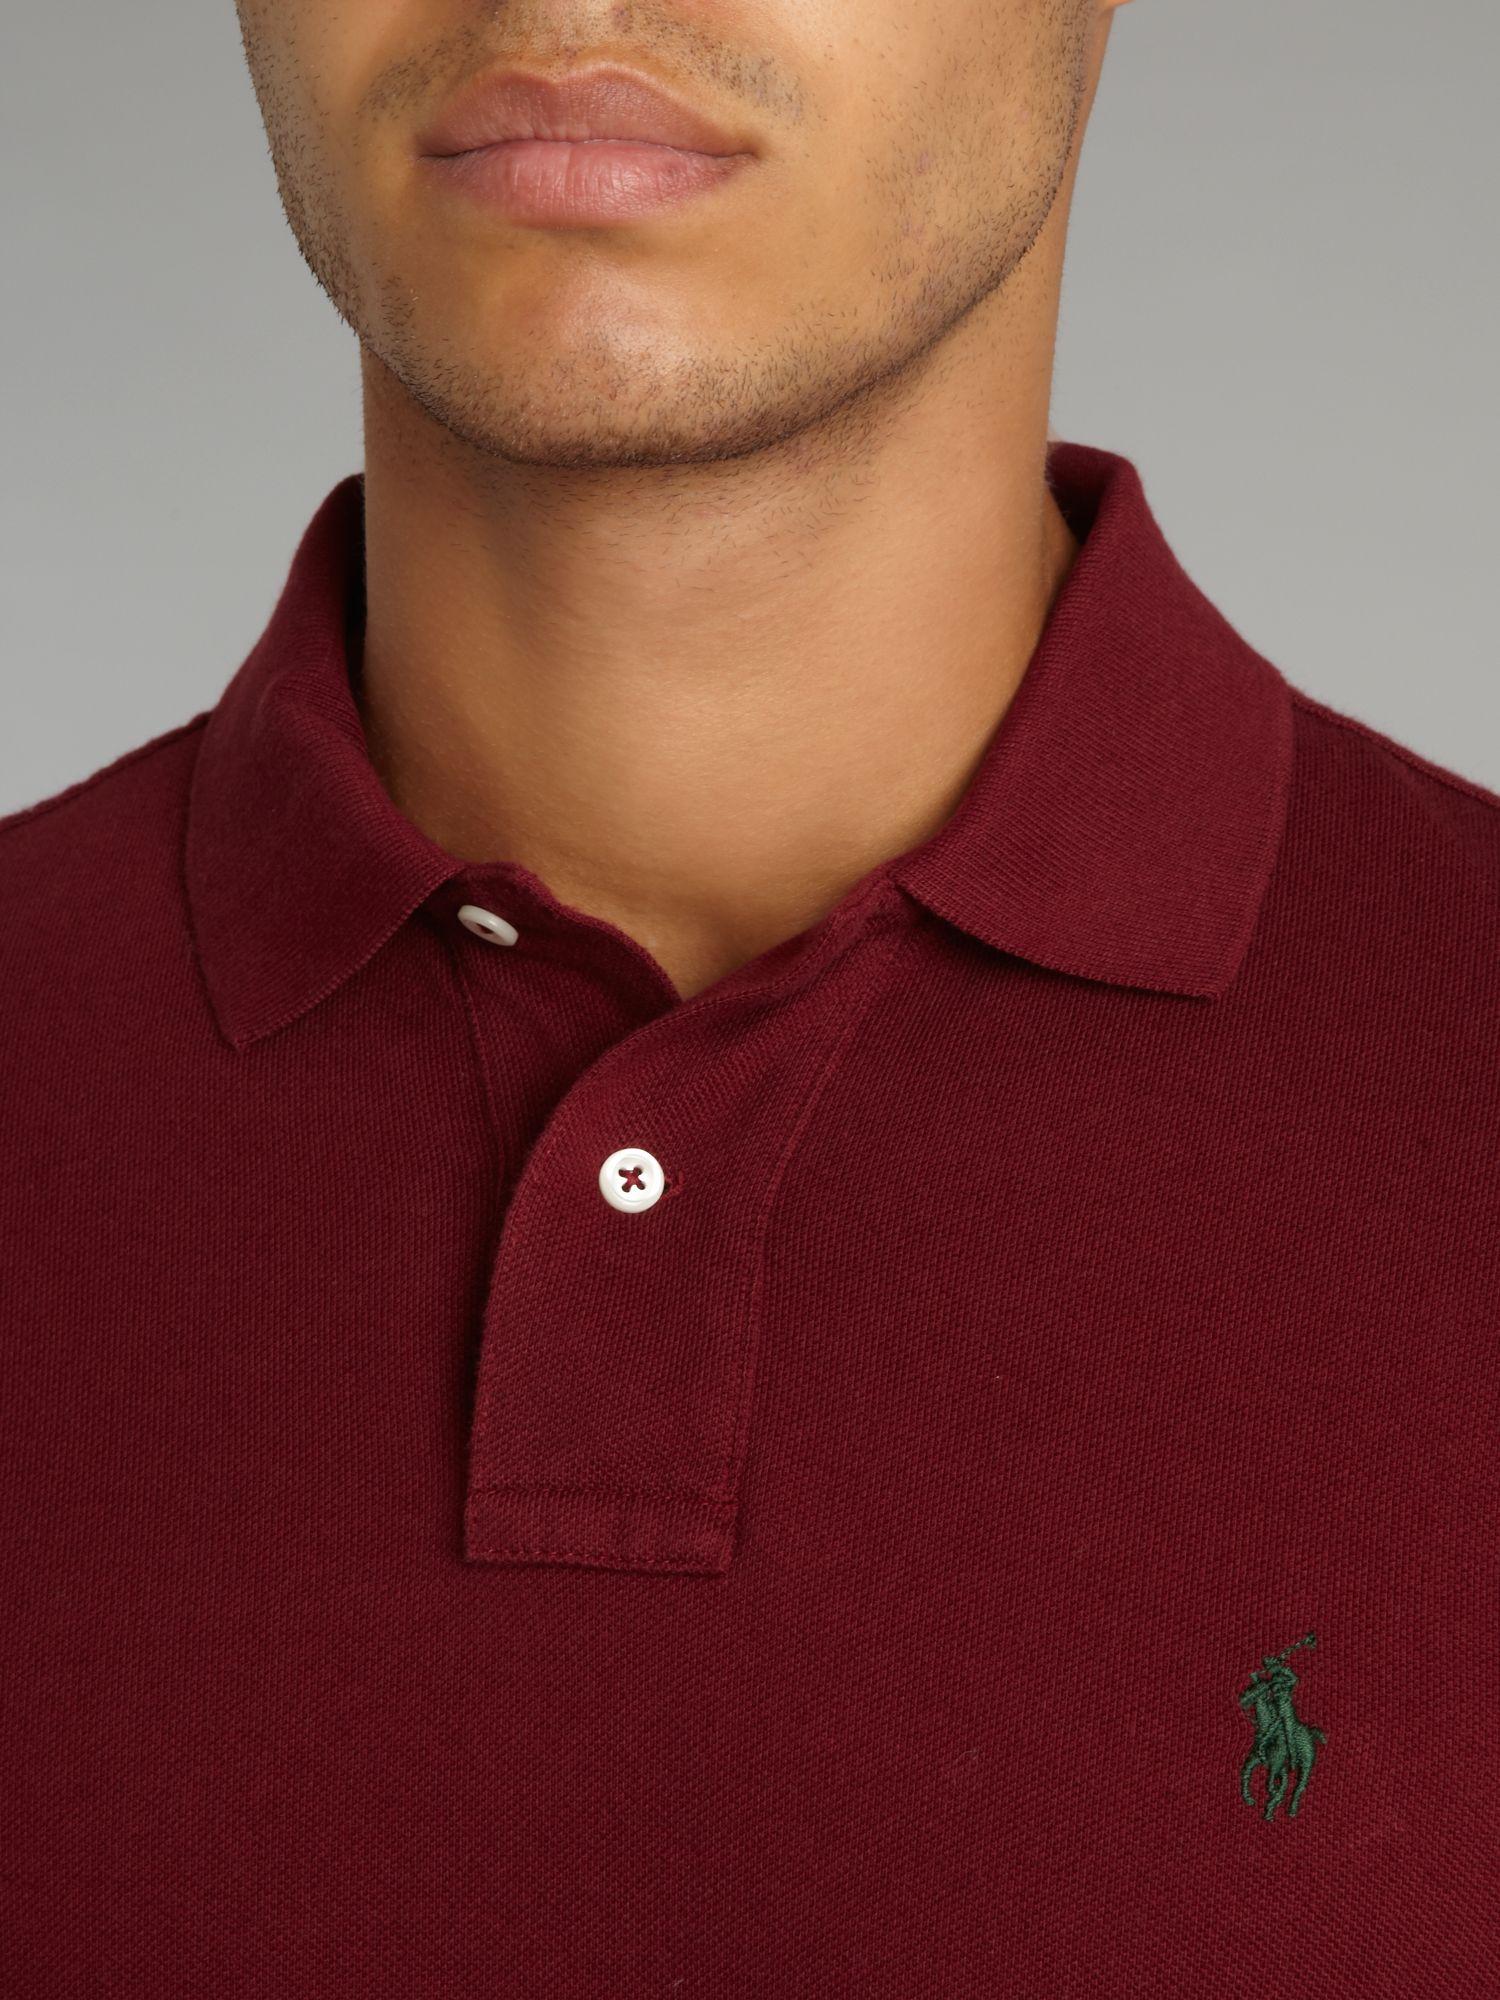 Nike T Shirt For Men